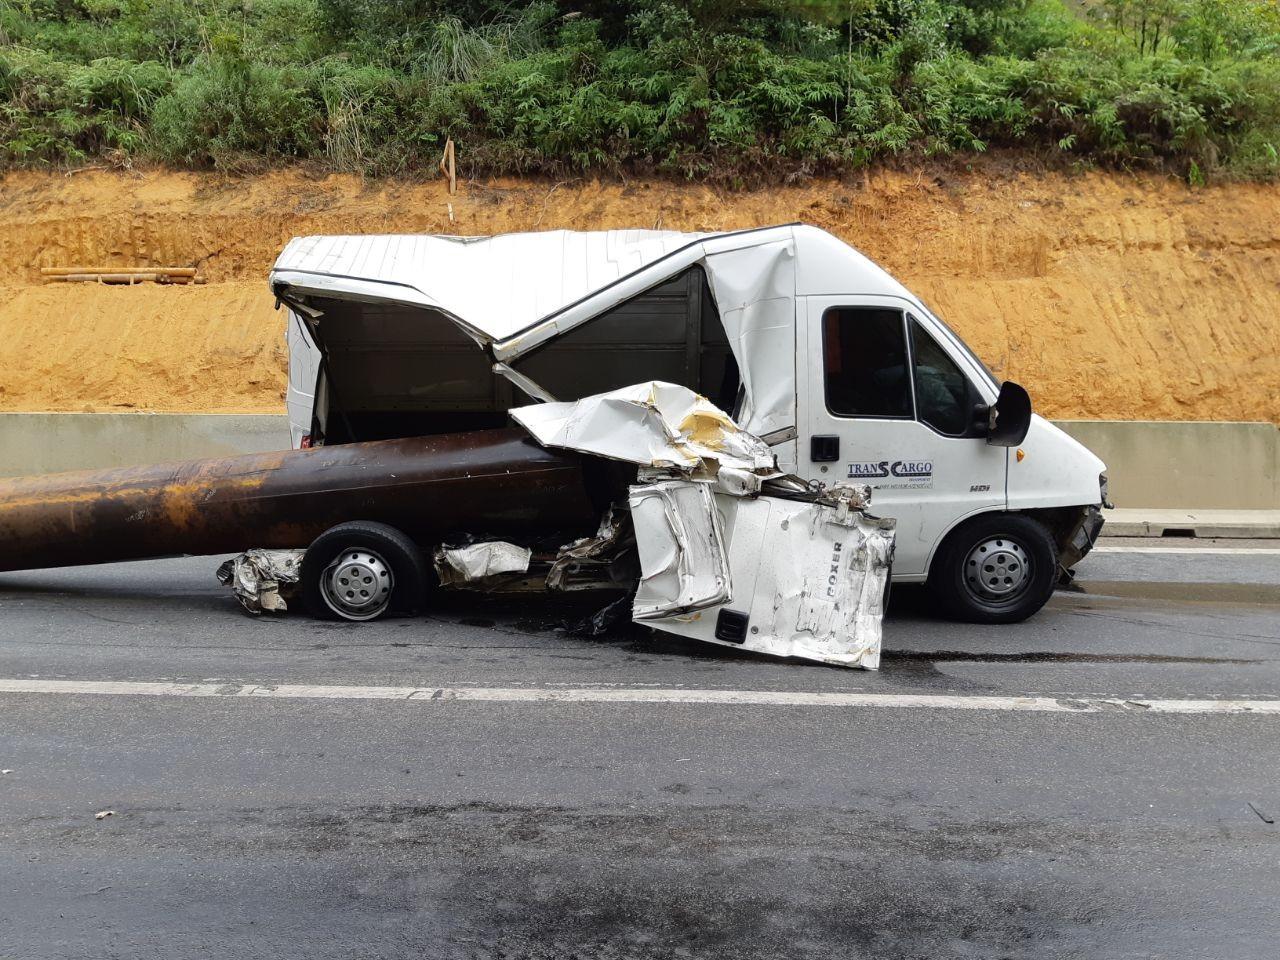 Pista BR-376 é totalmente liberada após acidente com cinco veículos, diz PRF